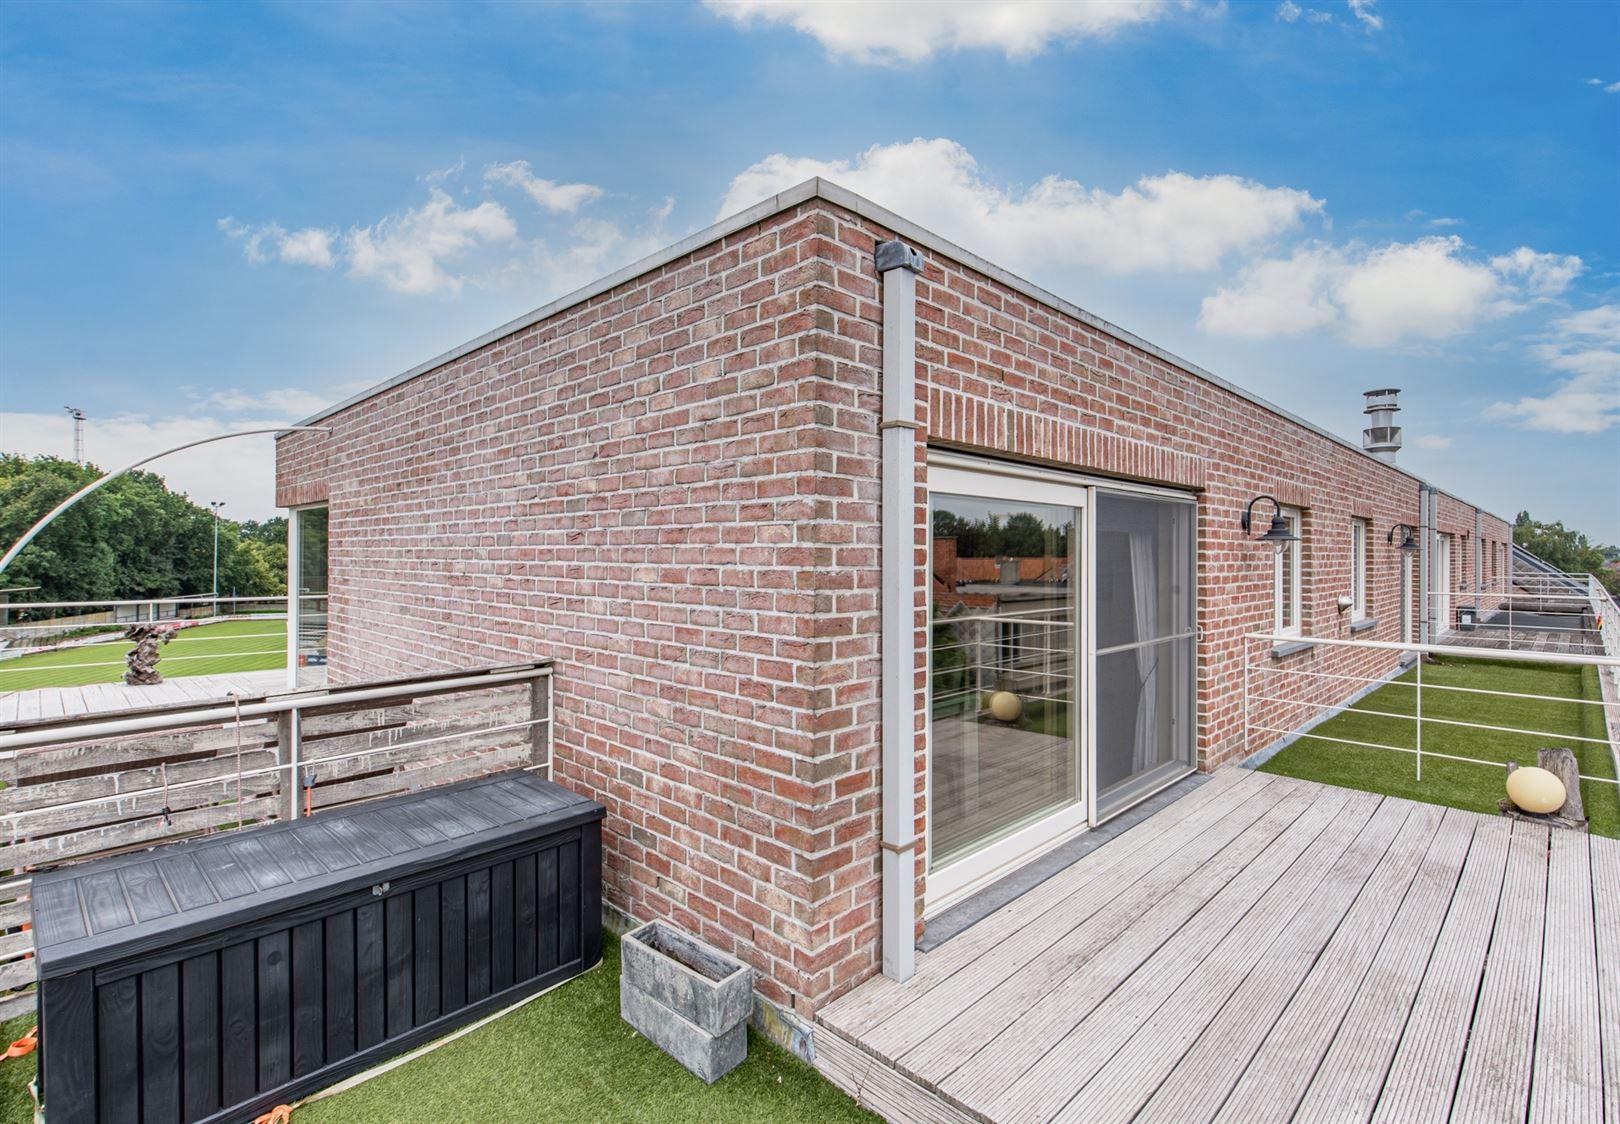 Foto 5 : Appartement te 9240 ZELE (België) - Prijs € 295.000